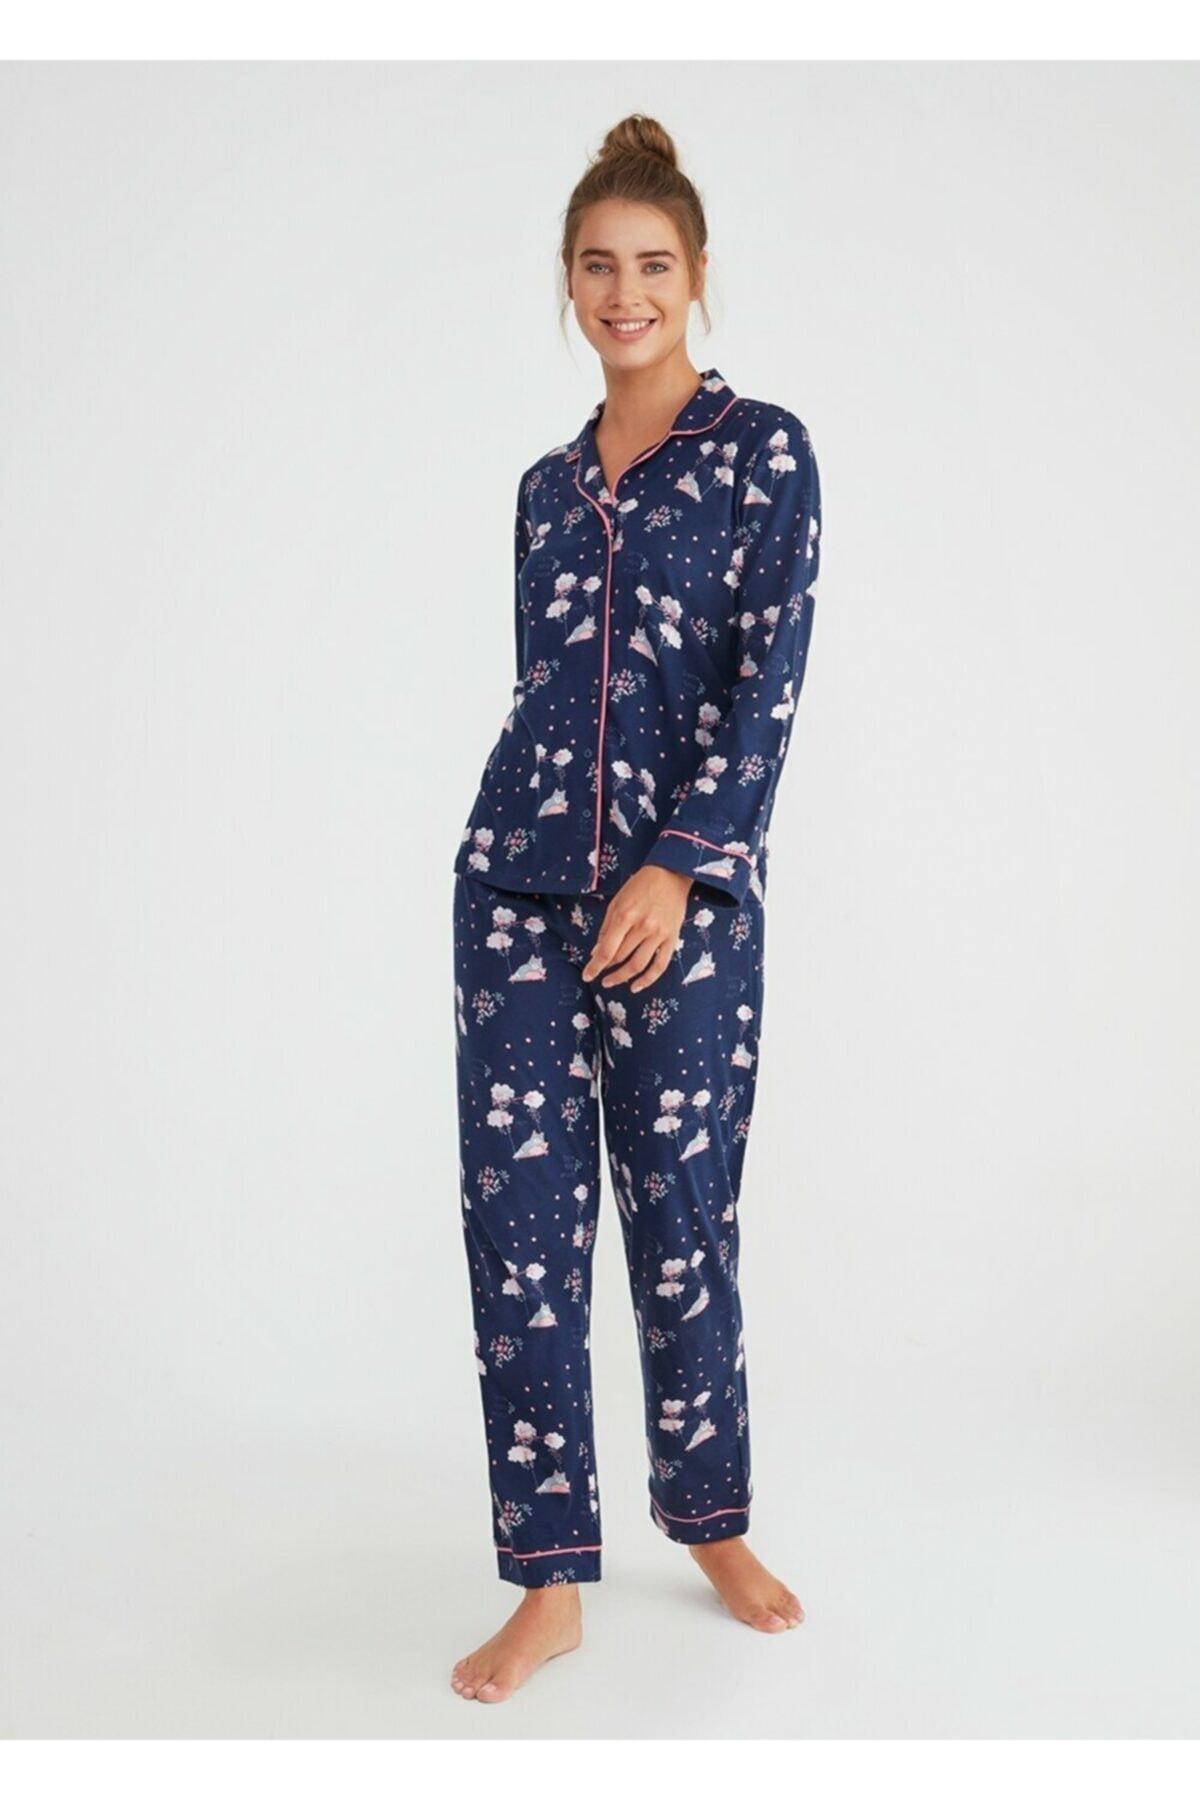 SUWEN Hug Me Maskulen Pijama Takımı 1